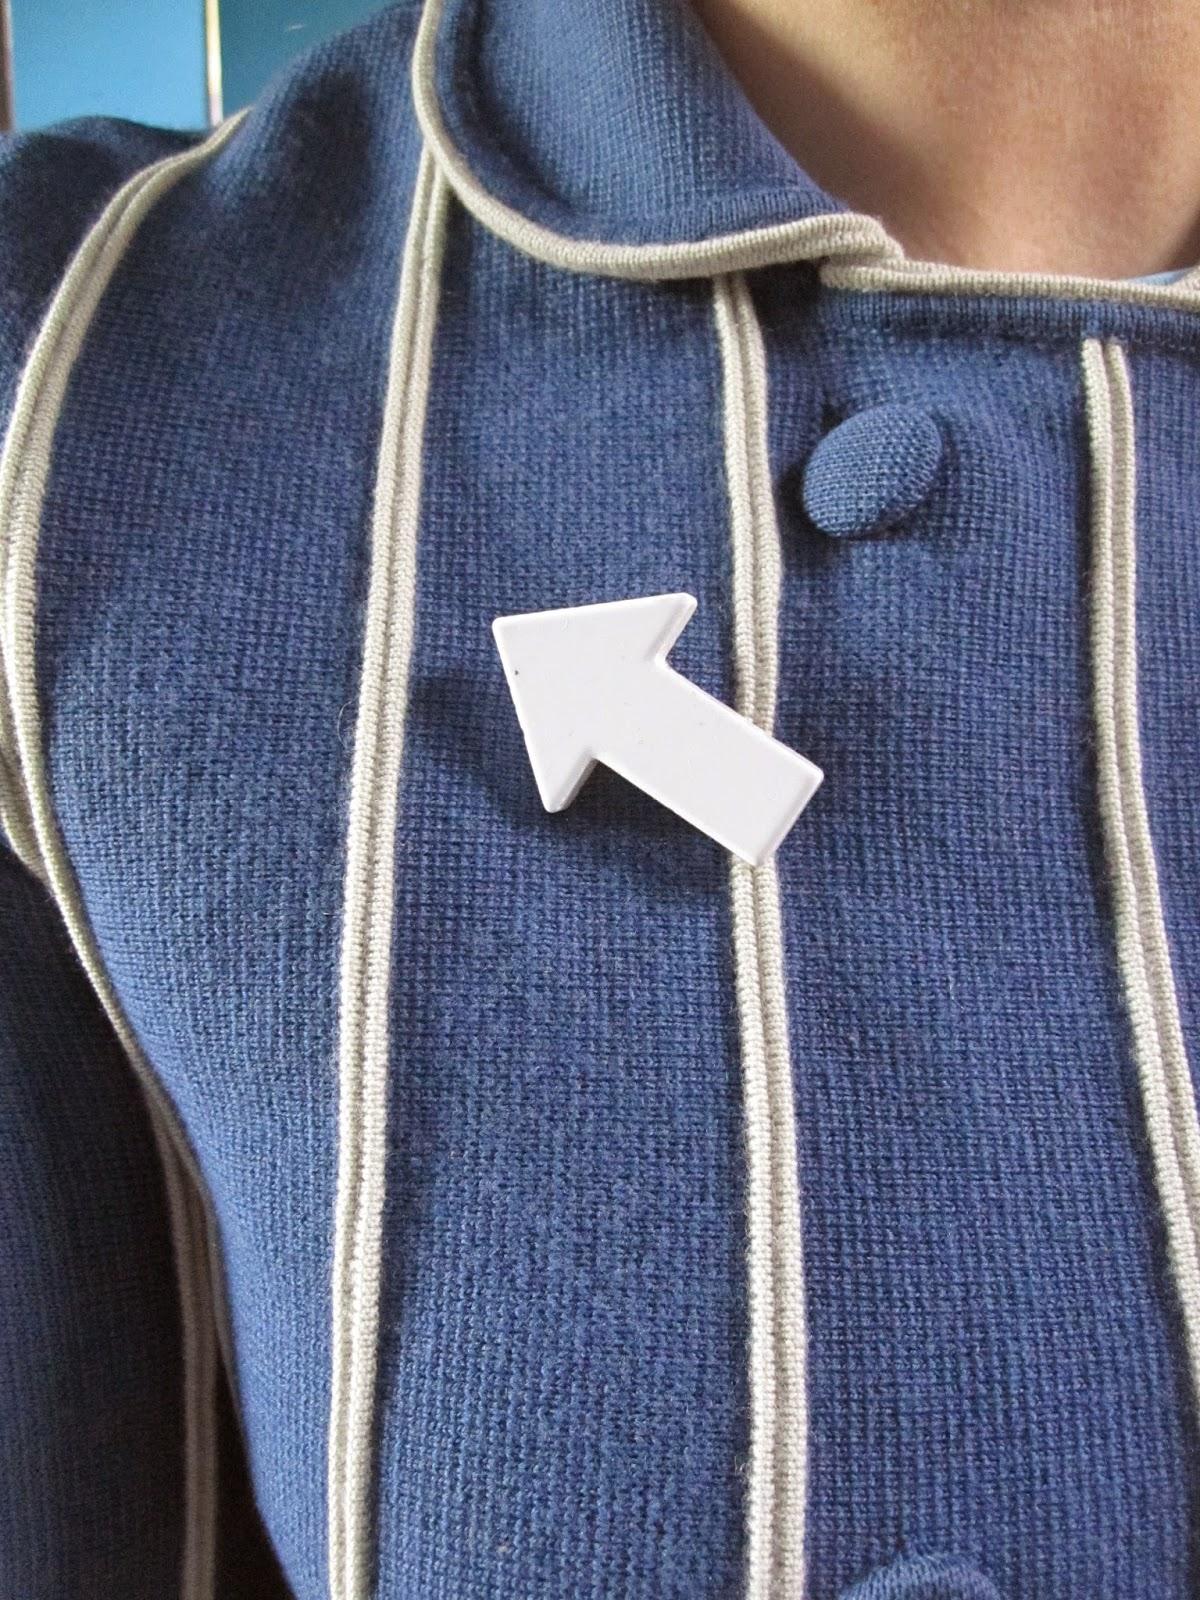 """""""Noddy Holder n'est pas une flèche"""" ??!!  A de telles inepties , des arêtes dans le gosier serait un chatiment adapté   Une épingle à nourrice dans l'iris serait tout aussi  méritée   Ca suffit les conneries,  je vais partir en flèche   Heureusement me feront oublier une telle absurdité  Lorsque j'aurais monté le son en flèche      The Jam , Weller et son pull DIY flèche  Puis les Cock Sp """"Arrow""""*  Ils sont dans le thème chéri  Par leur sublime paronymie  Termineront ceci avec brio   * Arrow = flèche , dans la langue de Maurice Moss All thats true is the ... blue, white and  Blue badge broche pinback pin button brooch vintage 60s 70s 1960 1970"""